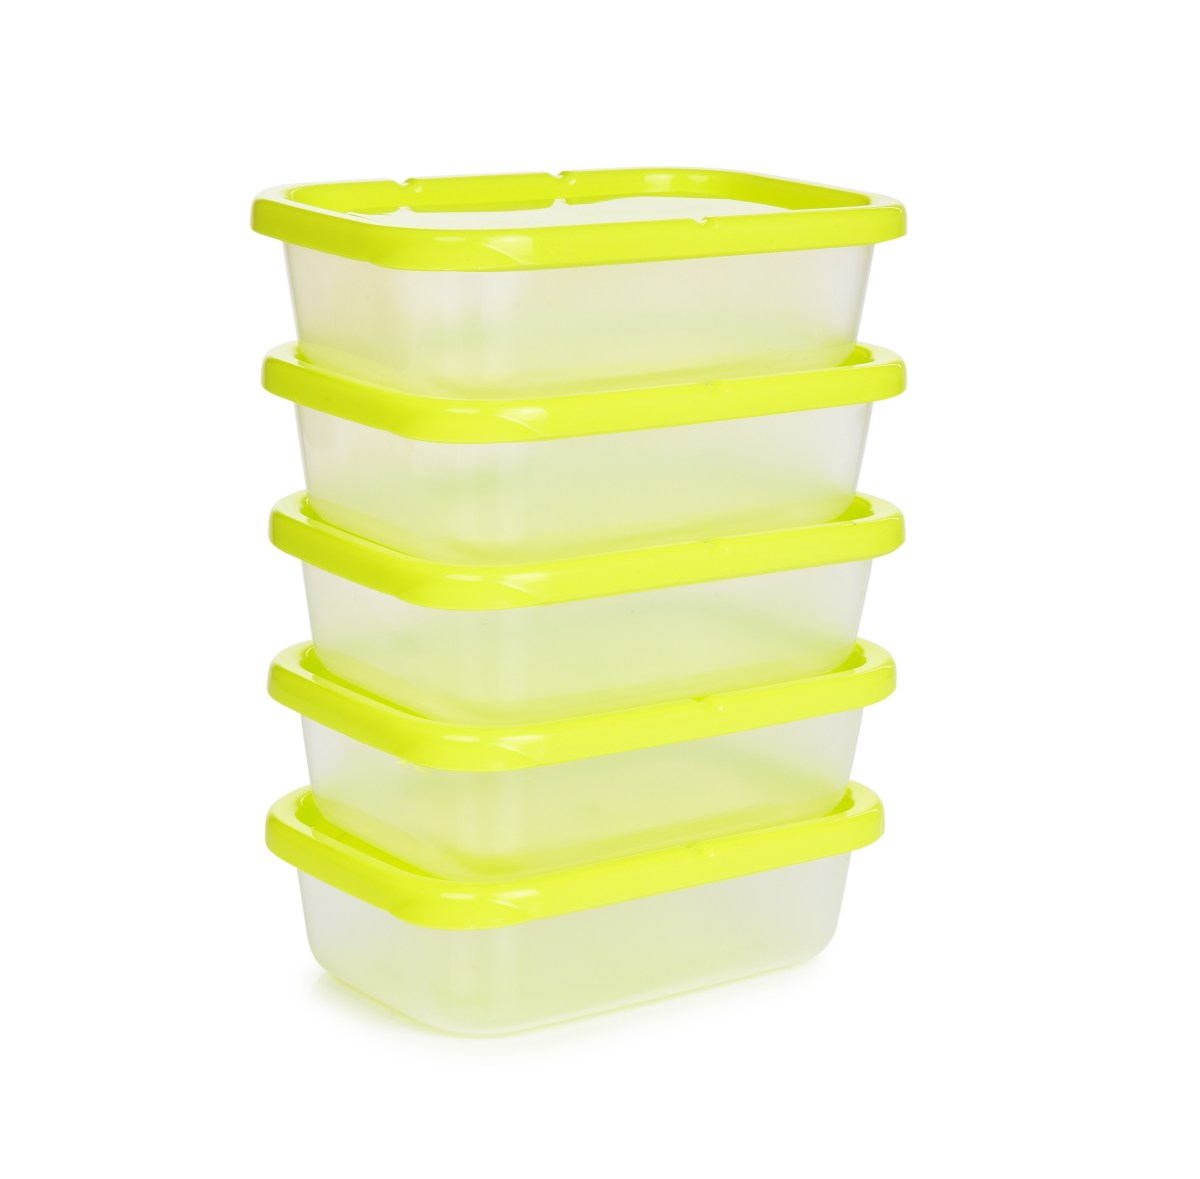 5 ks dóza na potraviny GREENBOX 300 ml, z odolného plastu